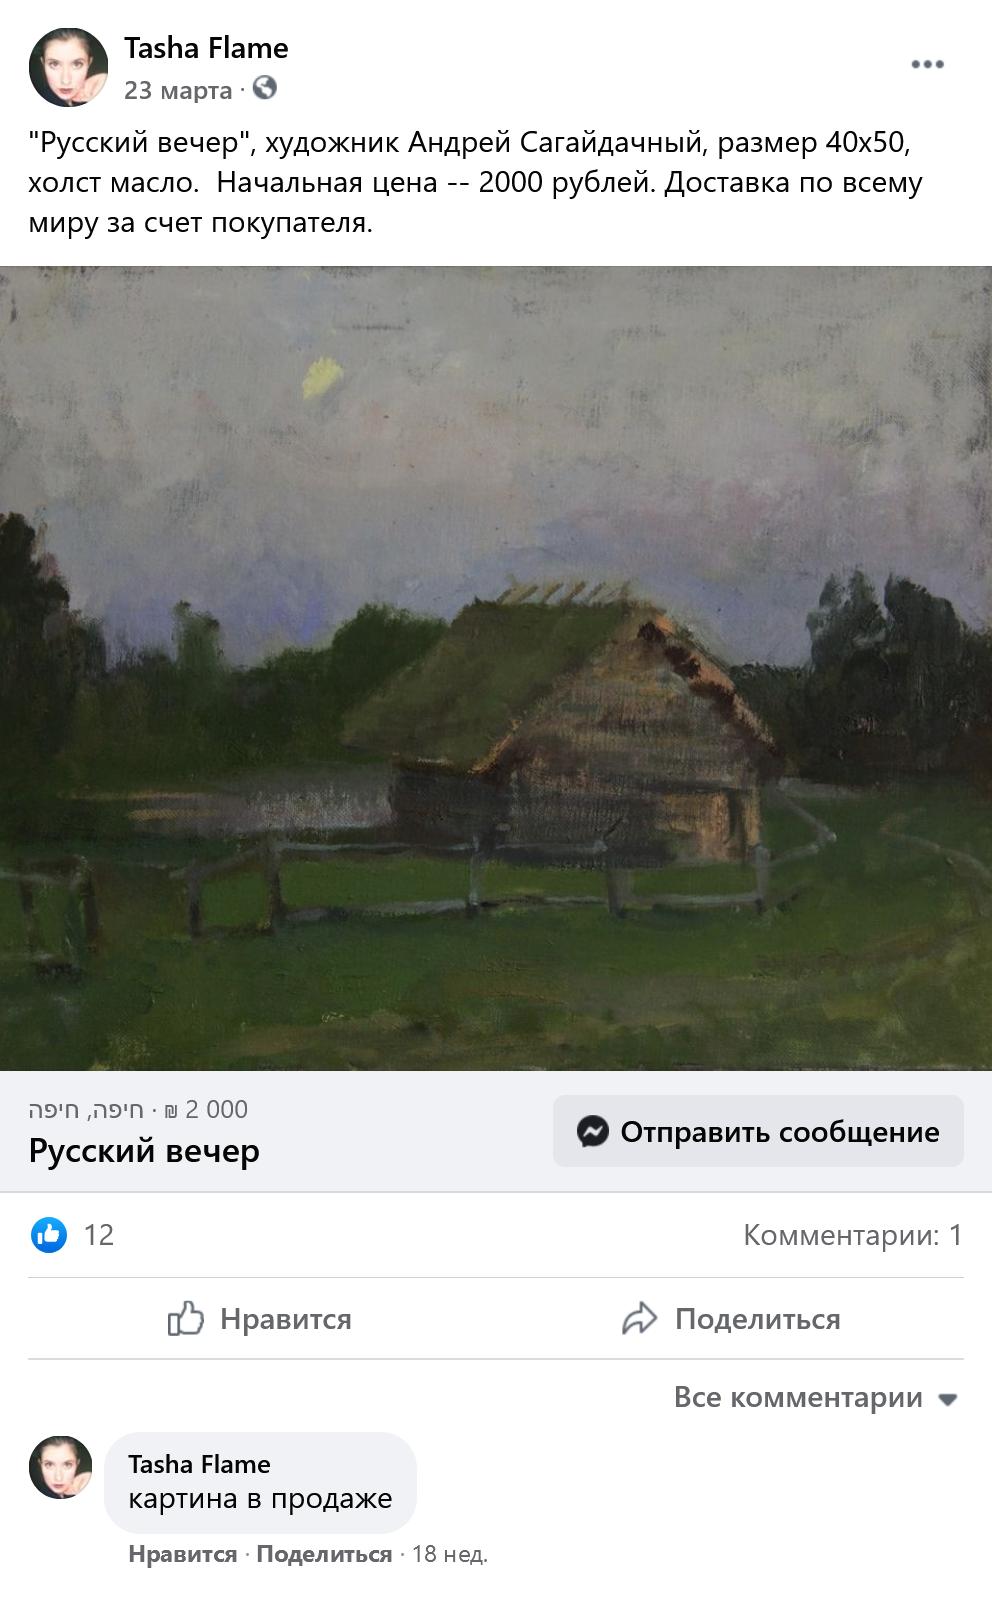 В комментариях я периодически писала, что картина в продаже, и пост поднимался выше